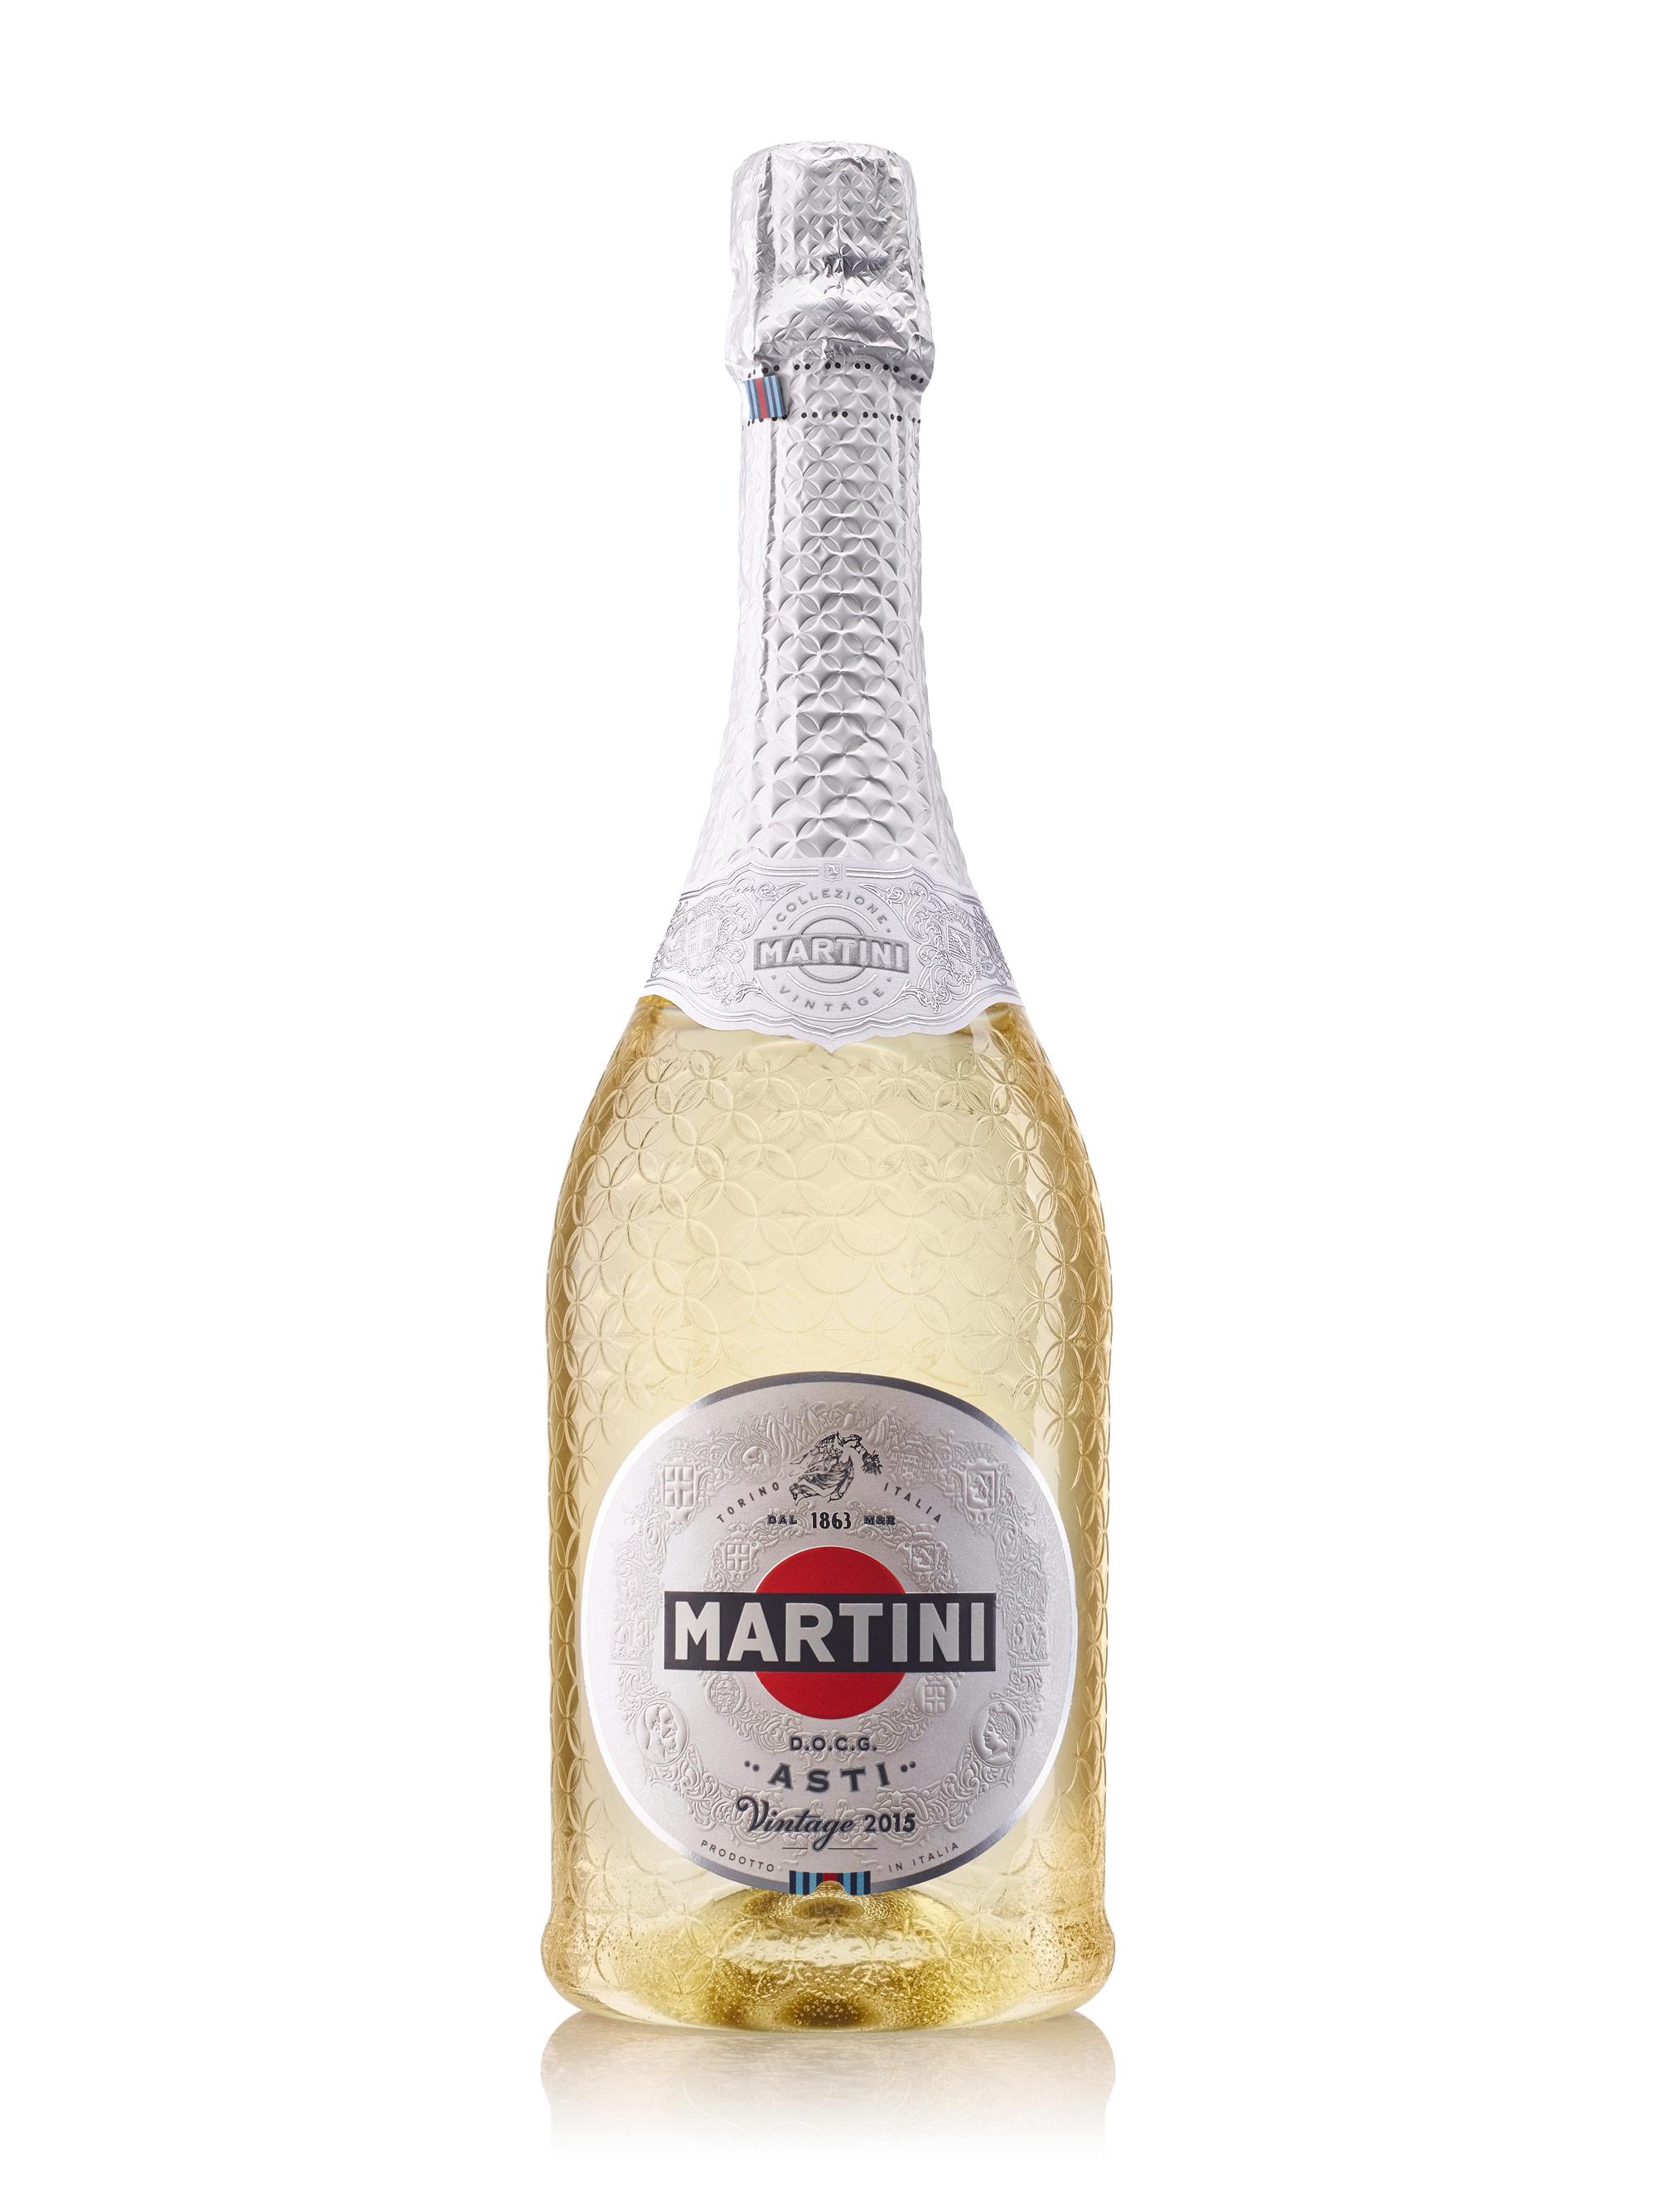 bottle martini premium asti w2 martini rob lawson. Black Bedroom Furniture Sets. Home Design Ideas